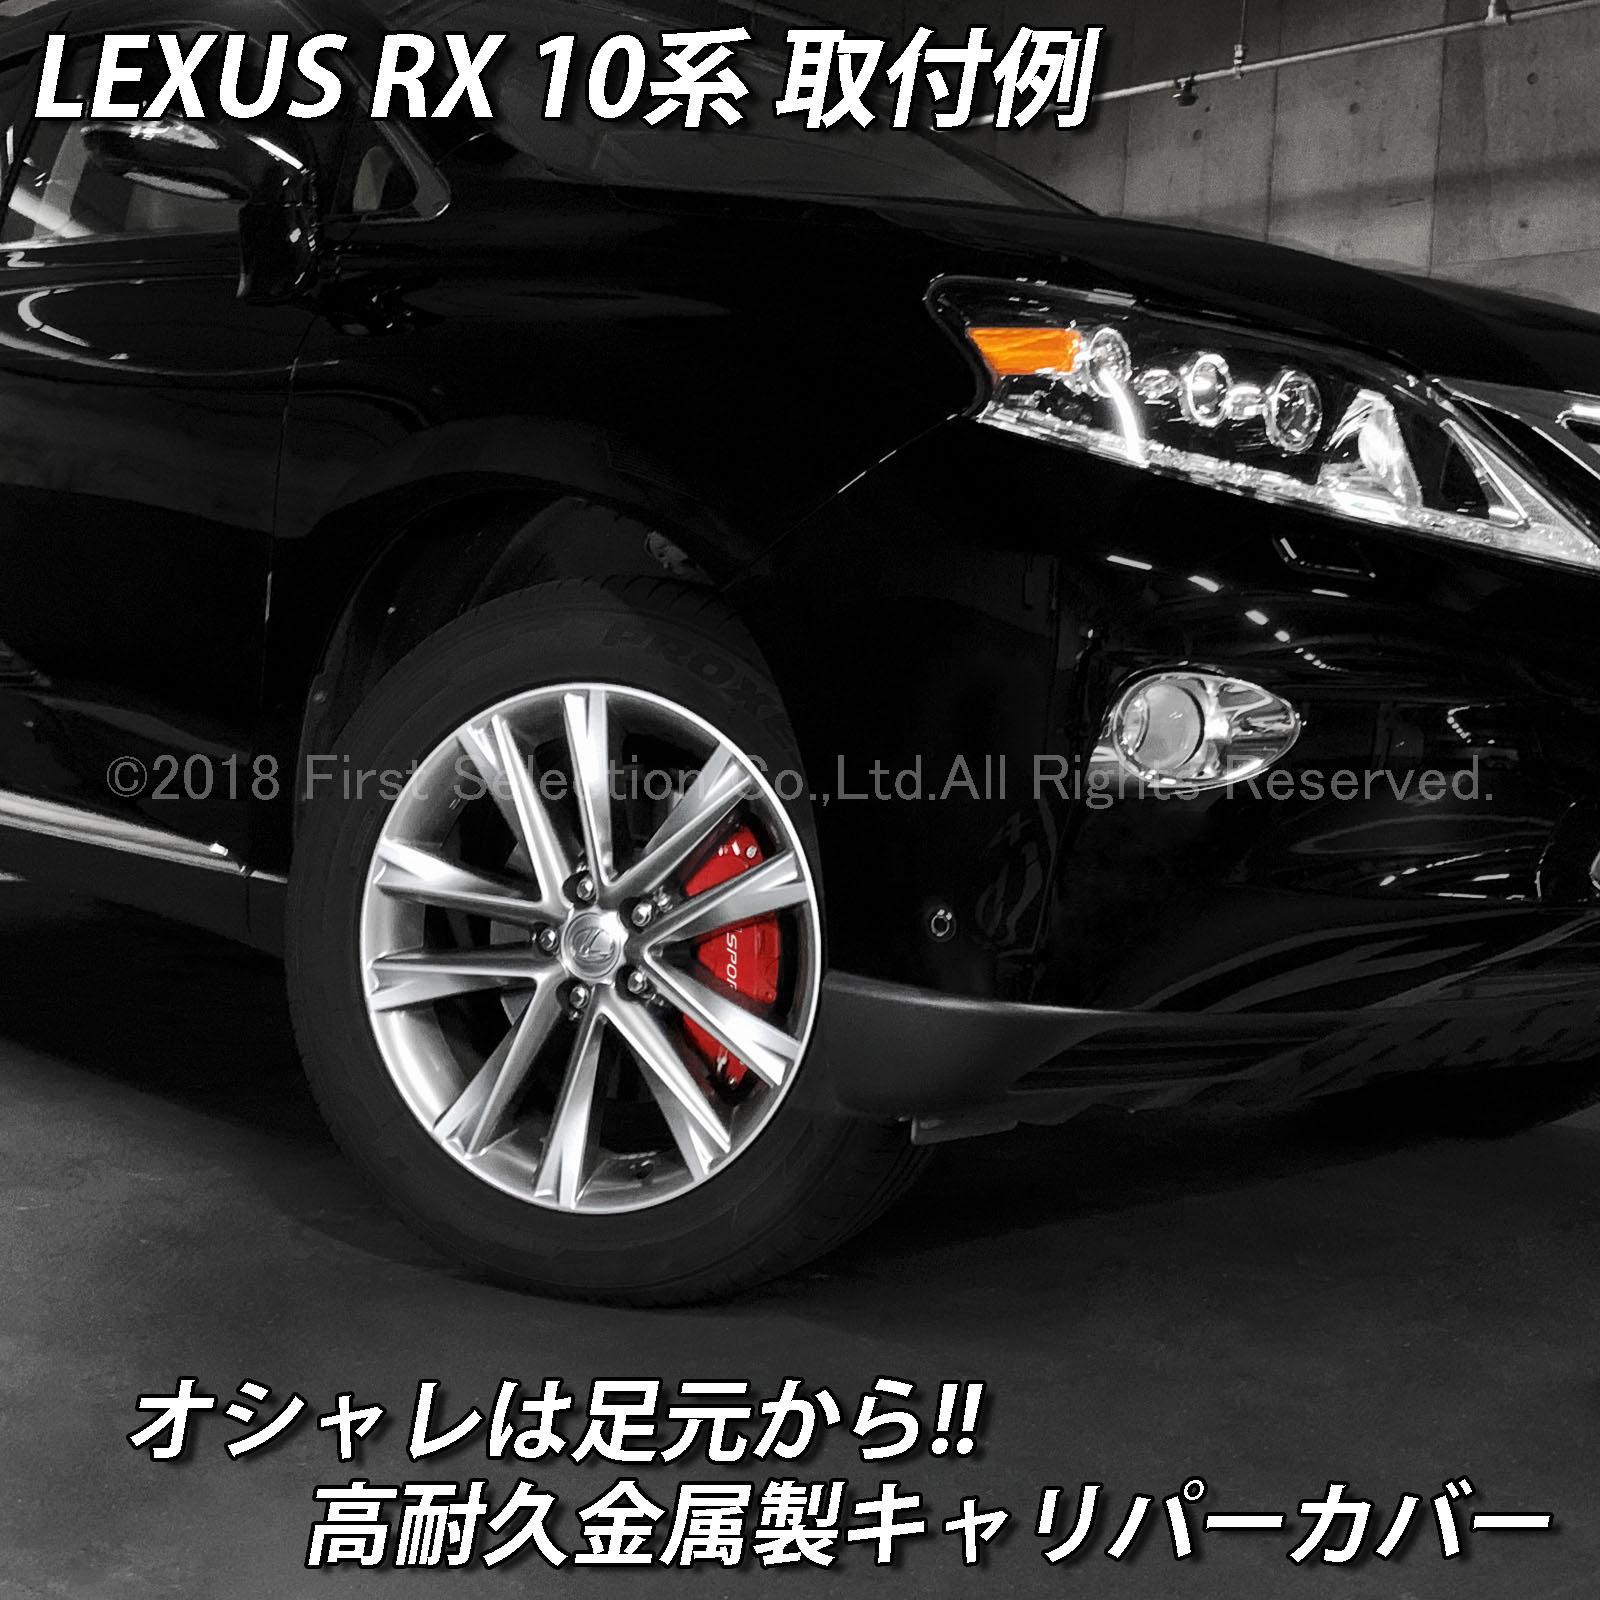 レクサス車 F-SPORTロゴ銀文字 RX10系用 高耐久金属製キャリパーカバーセット赤 LEXUS RX450h RX300 RX270 GYL10W GYL15W GYL16W GGL10W GGL15W GGL16W AGL10W